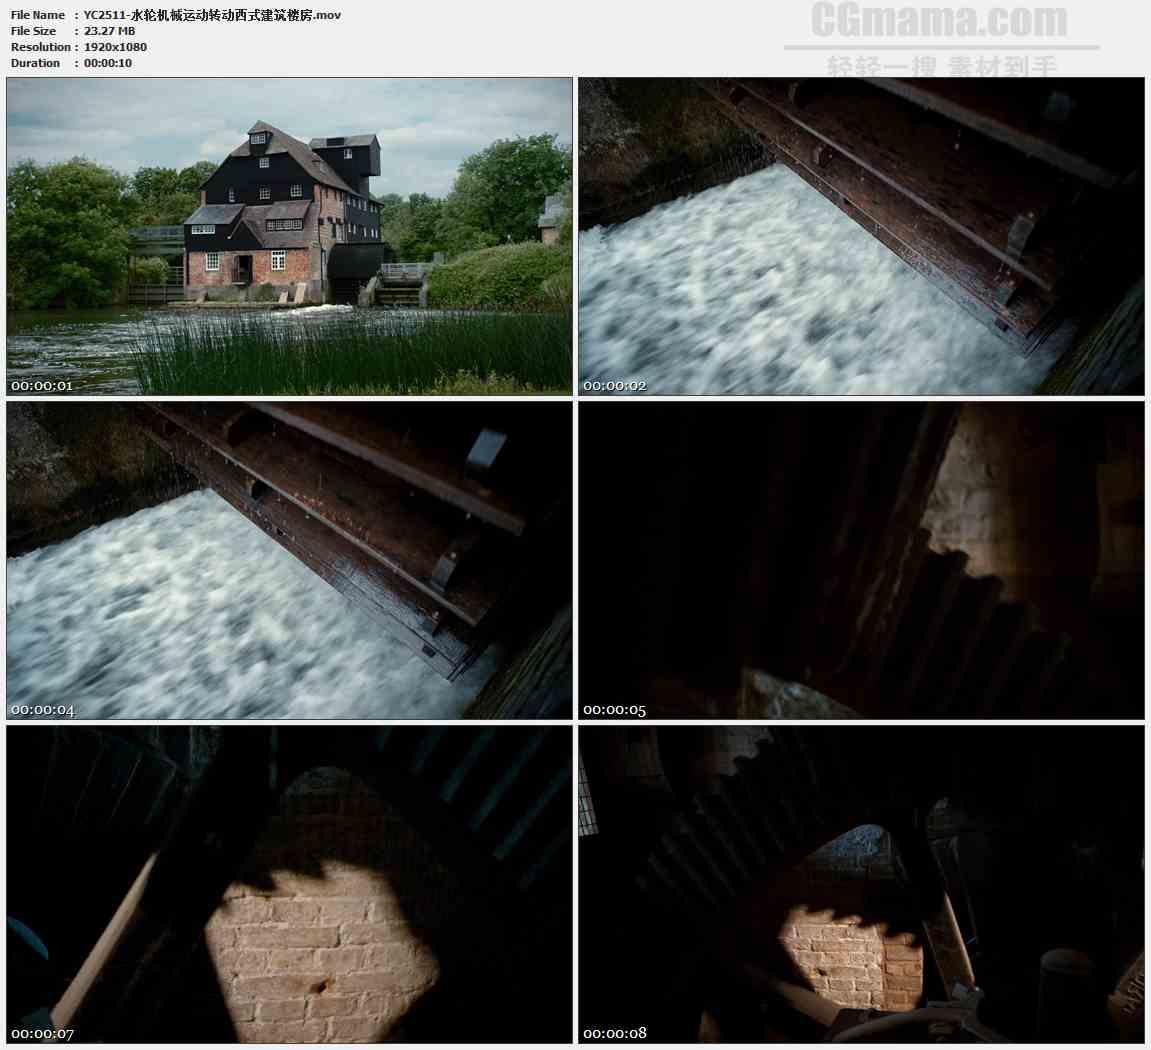 YC2511-水轮机械运动转动西式建筑楼房高清视频素材